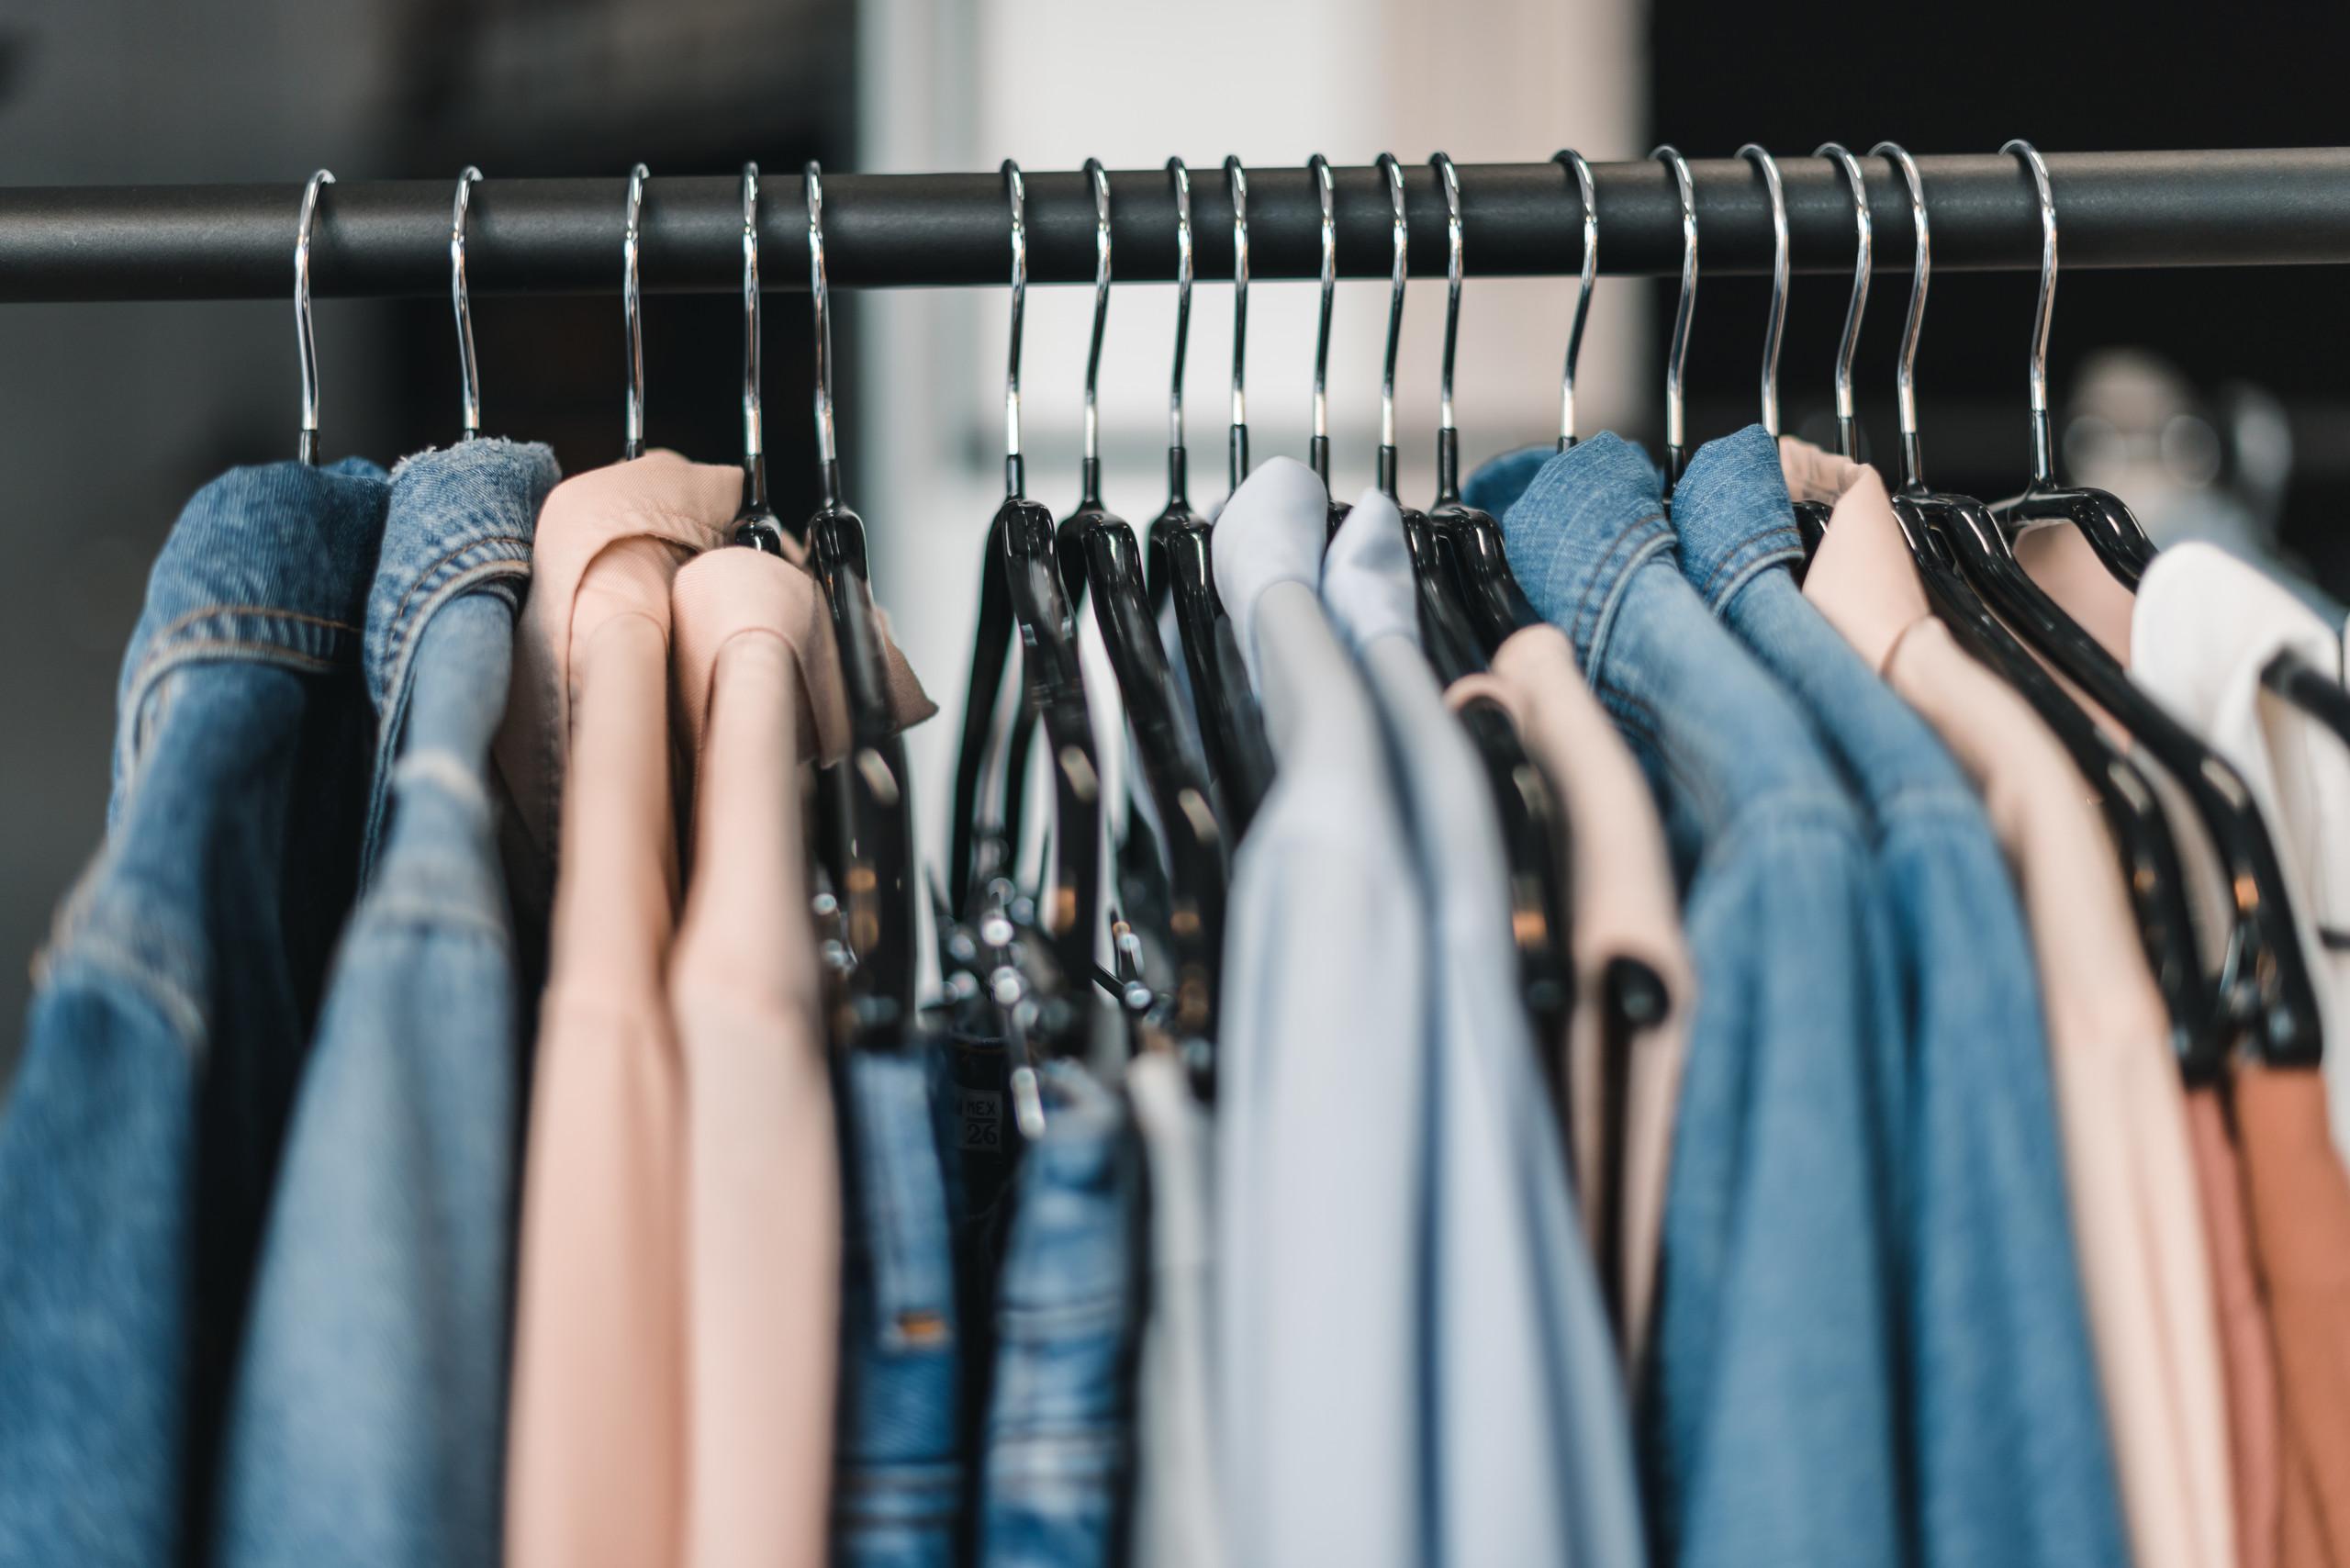 中国服装销量一年减少178.5亿件 消费者不爱买衣服了